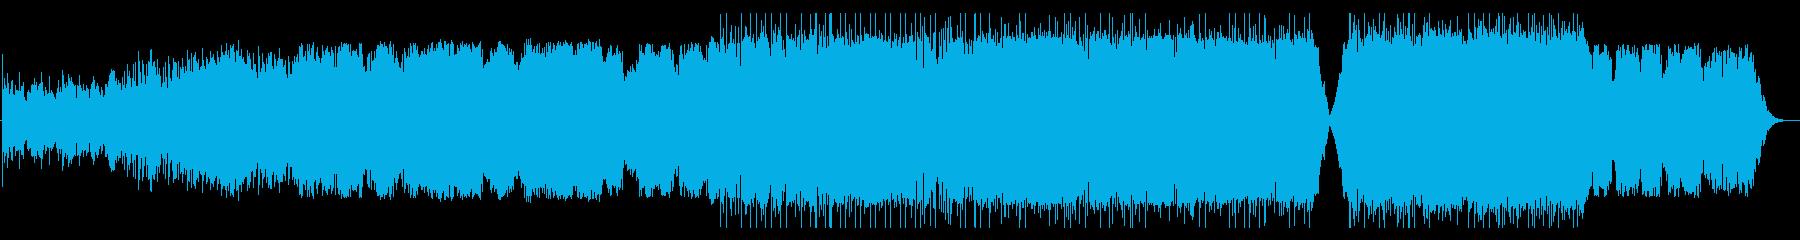 ピアノとシンセのアンビエントな作品の再生済みの波形